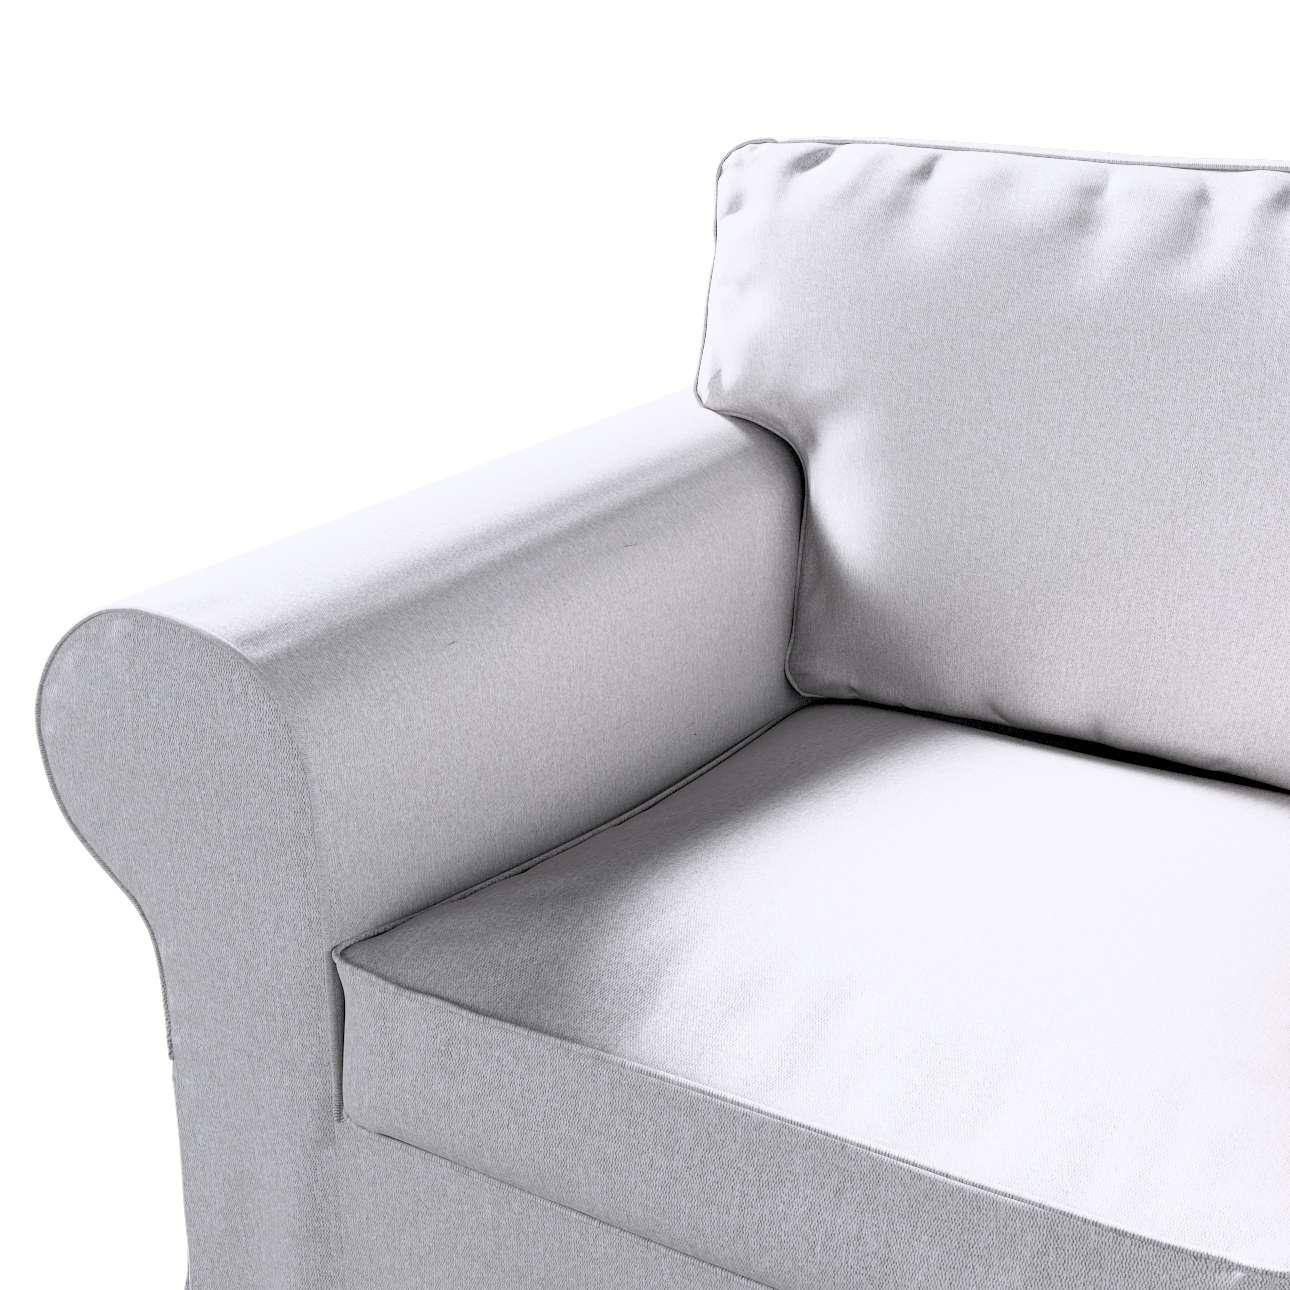 Bezug für Ektorp Sessel von der Kollektion Amsterdam, Stoff: 704-45